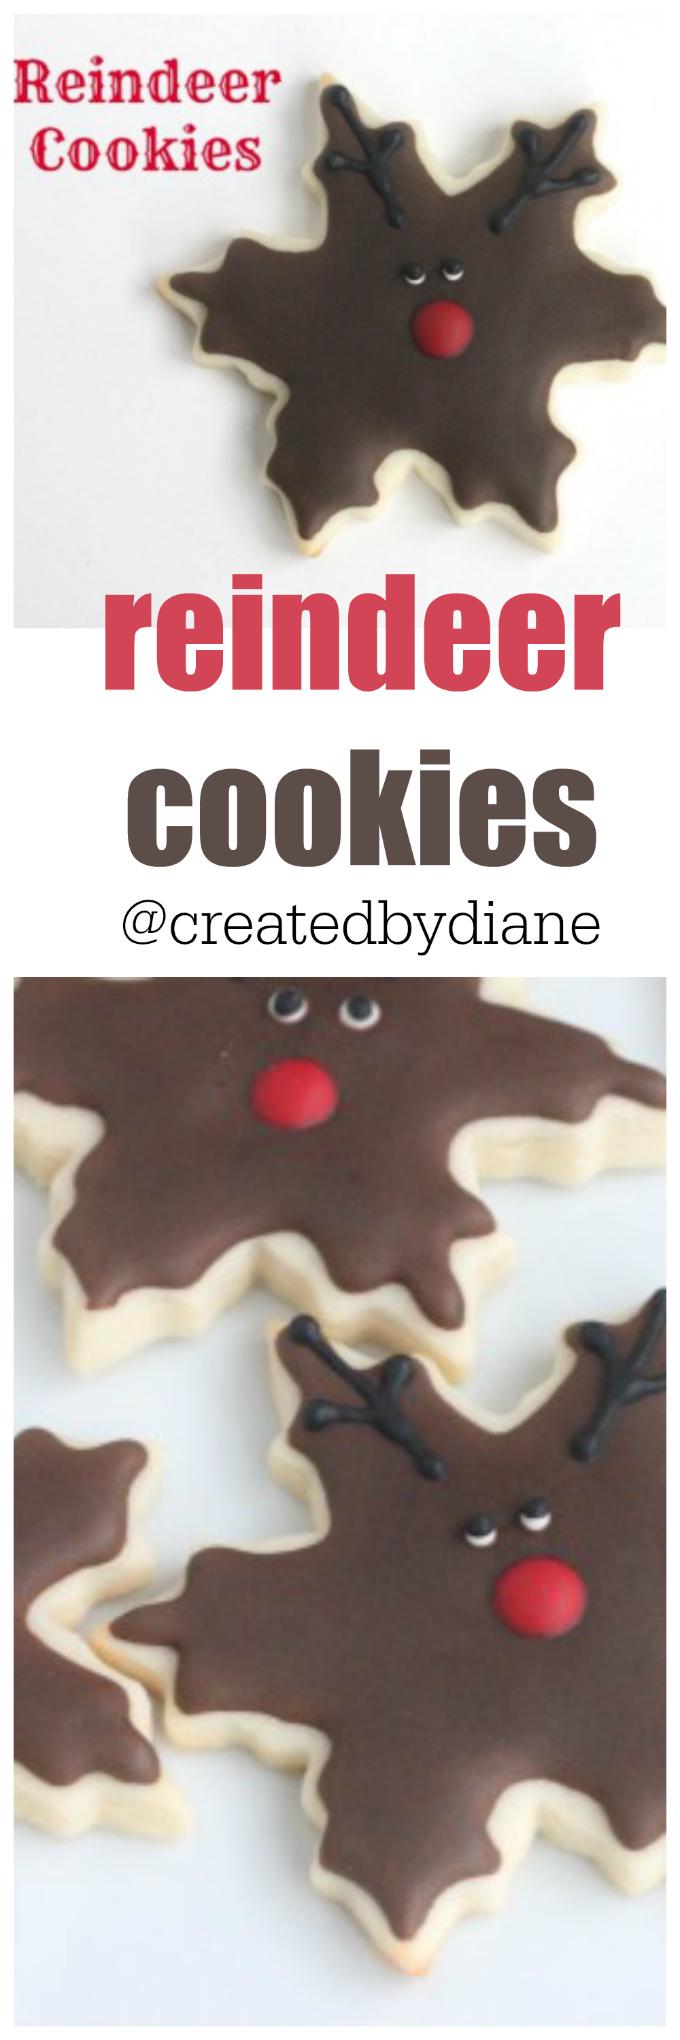 reindeer-cookies-from-createdbydiane-www-createdby-diane-com